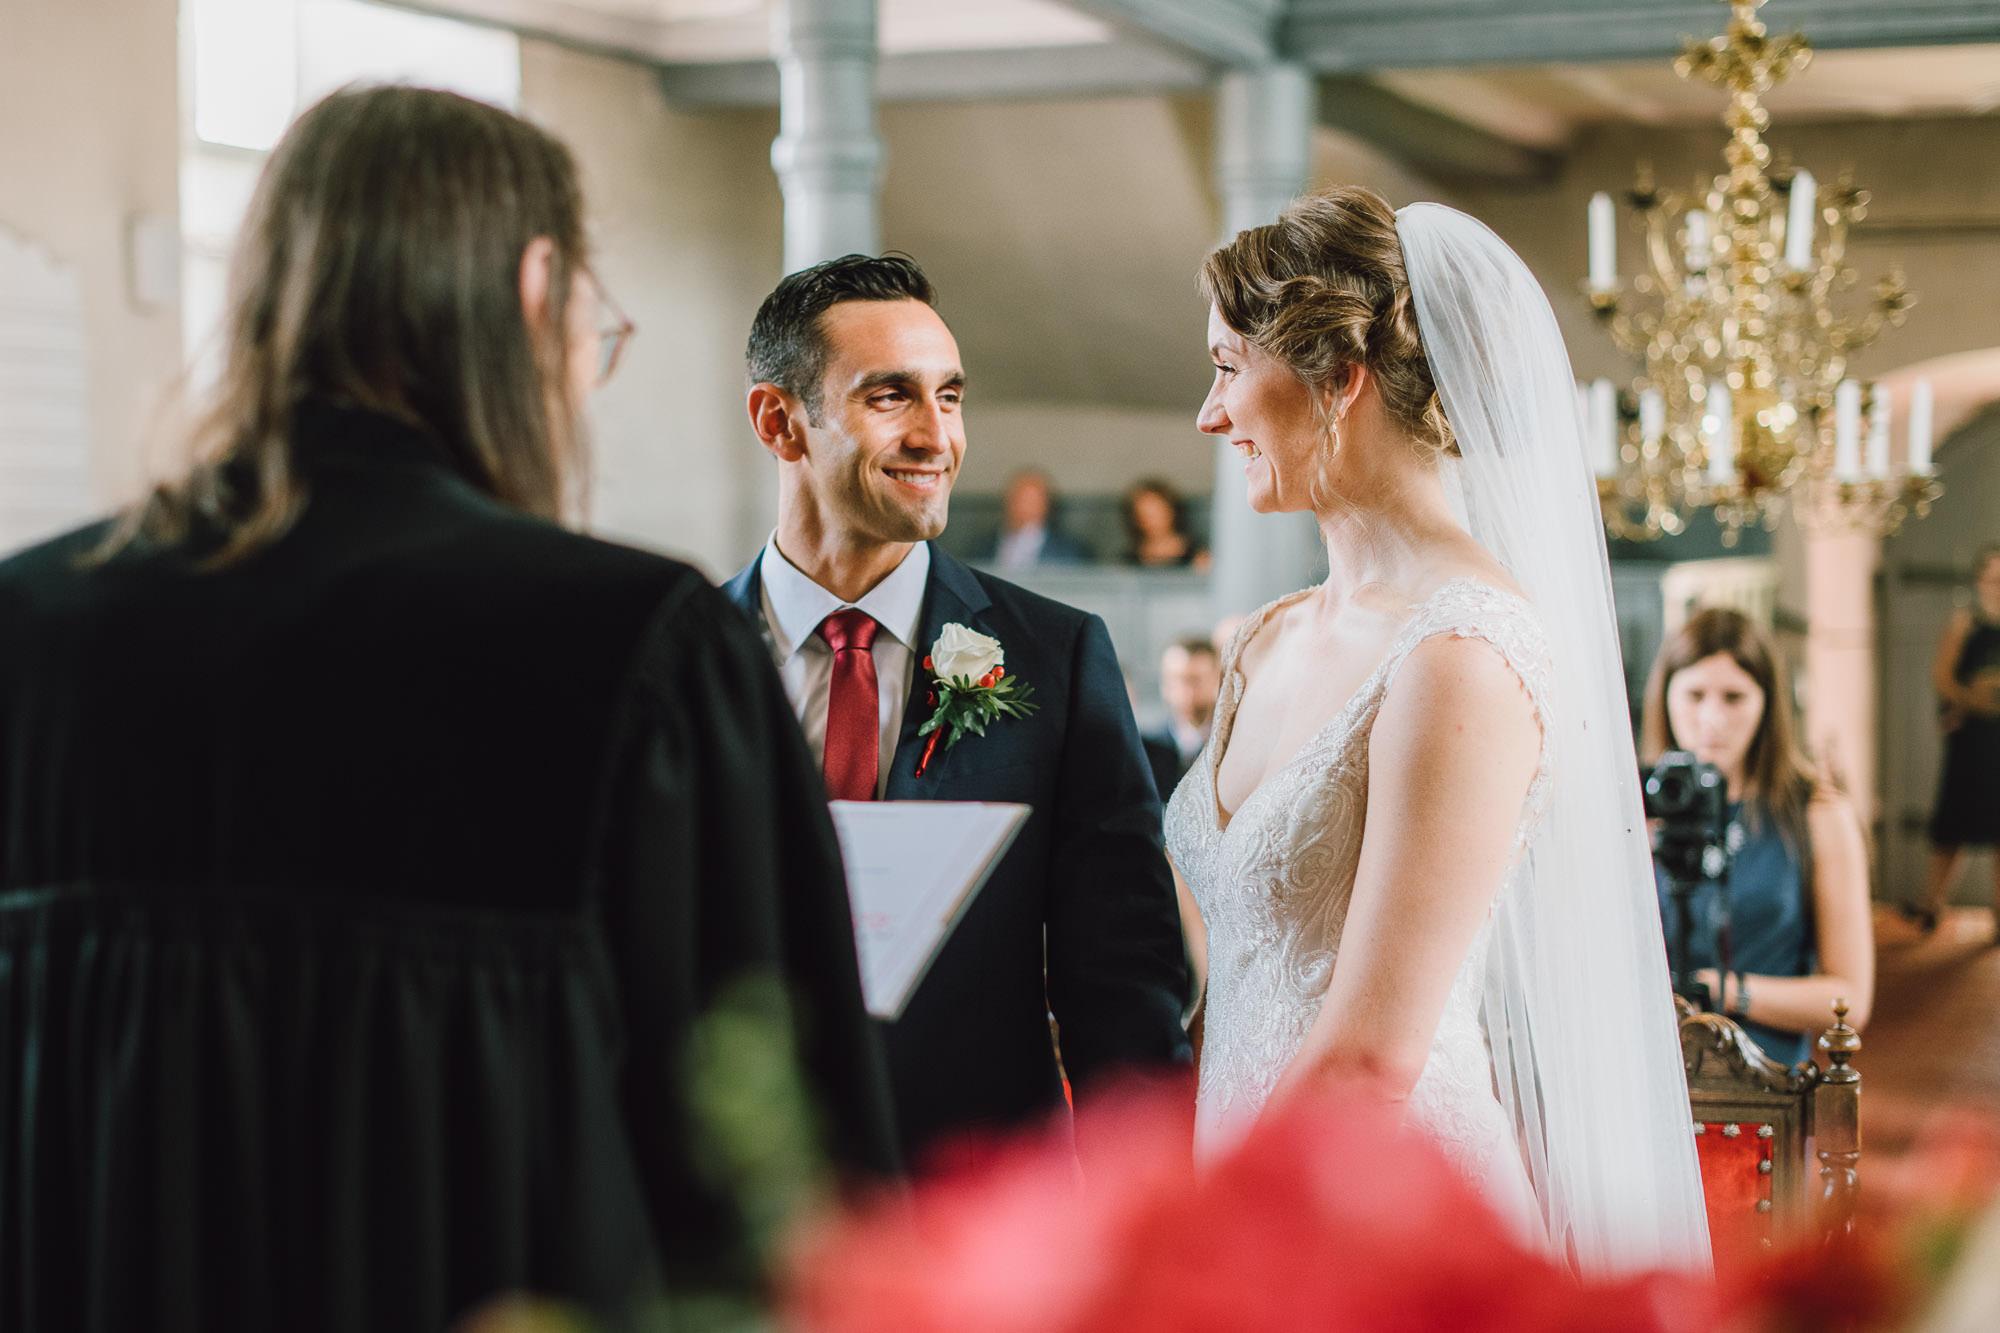 rustic-elegant-wedding-schloss-hochzeit-eyrichshof-franken-bamberg-067